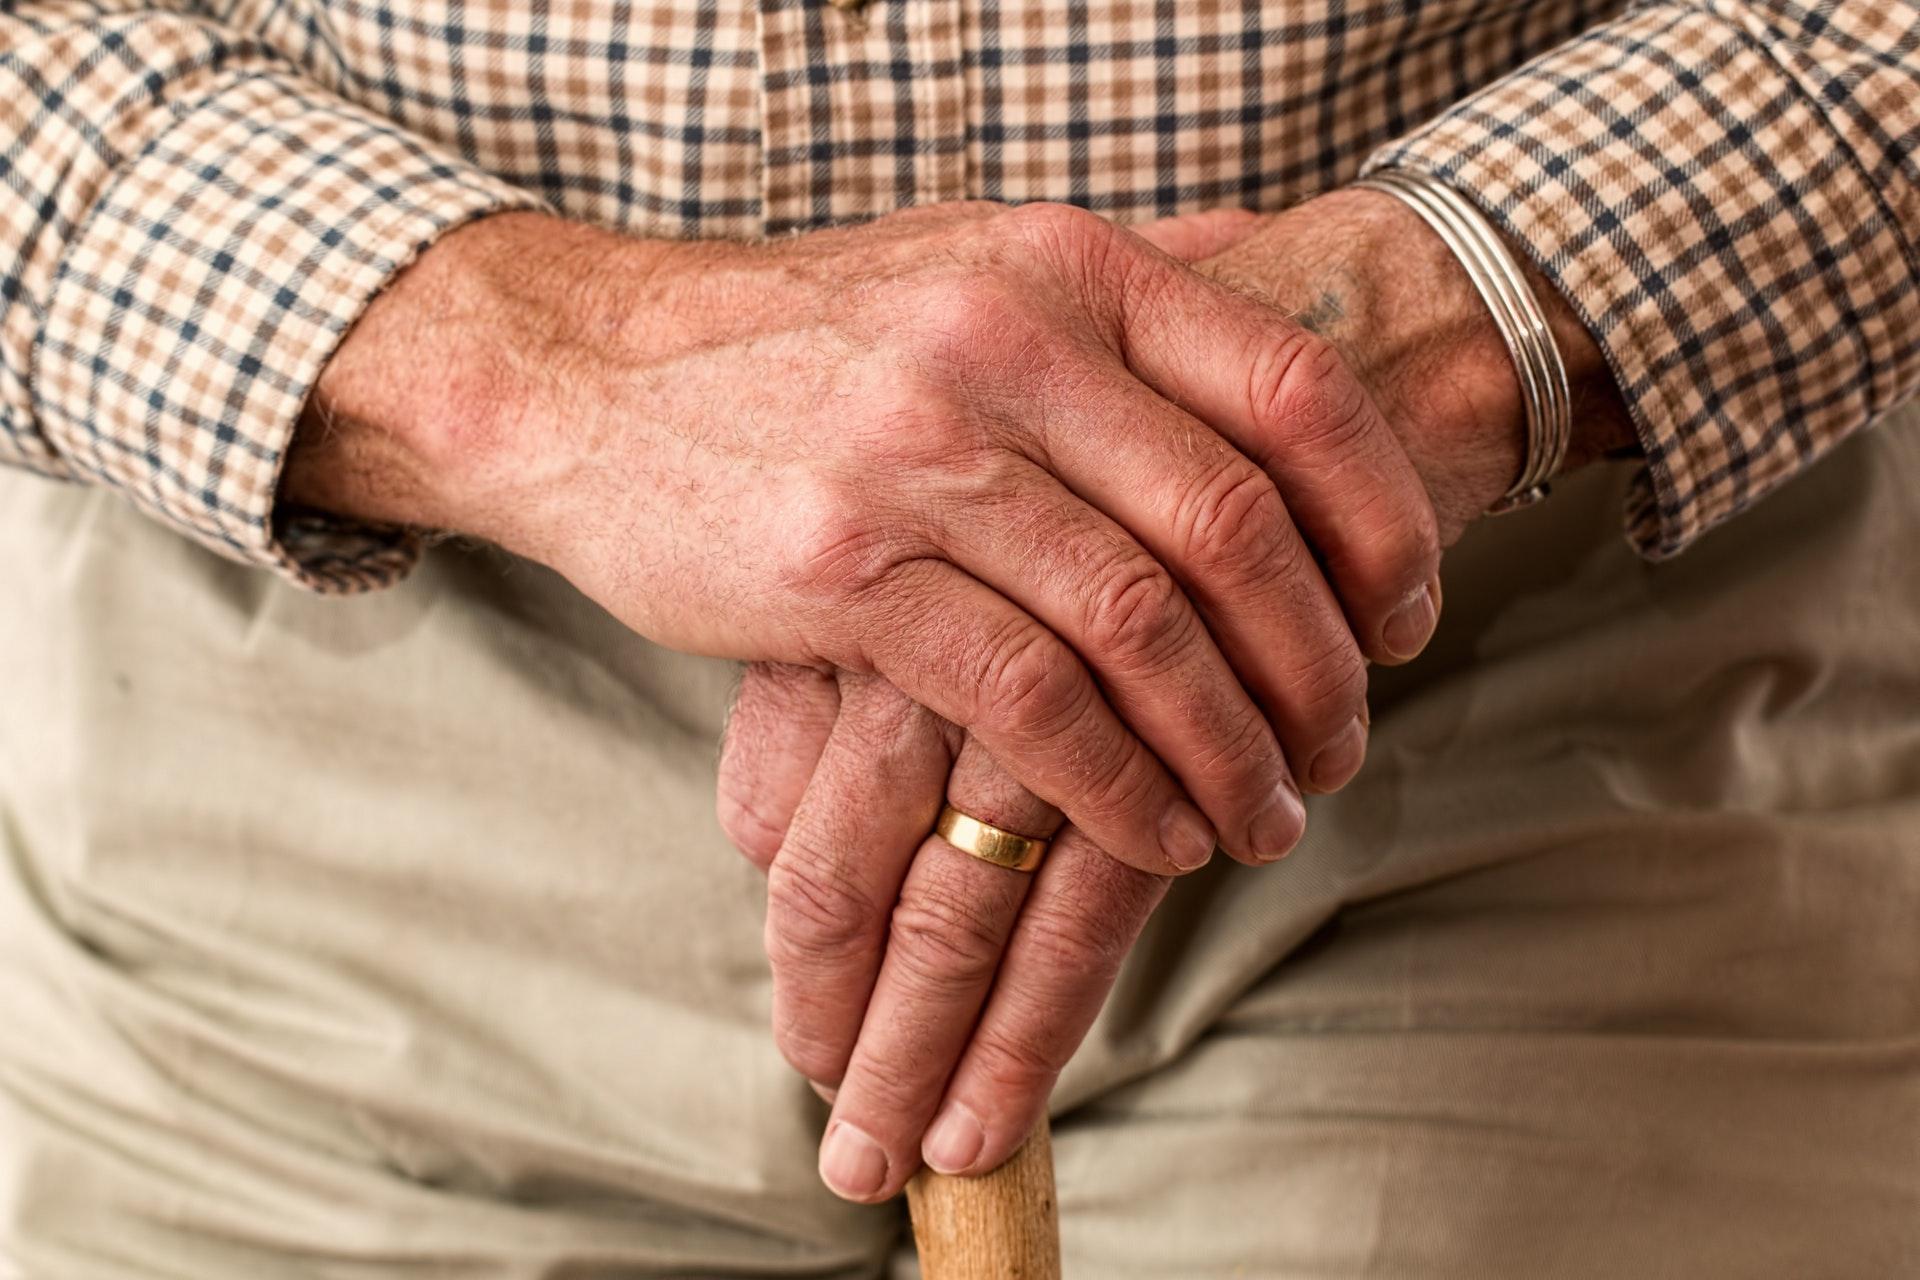 Pożyczki dla emerytów - kto udziela i na jakich zasadach?